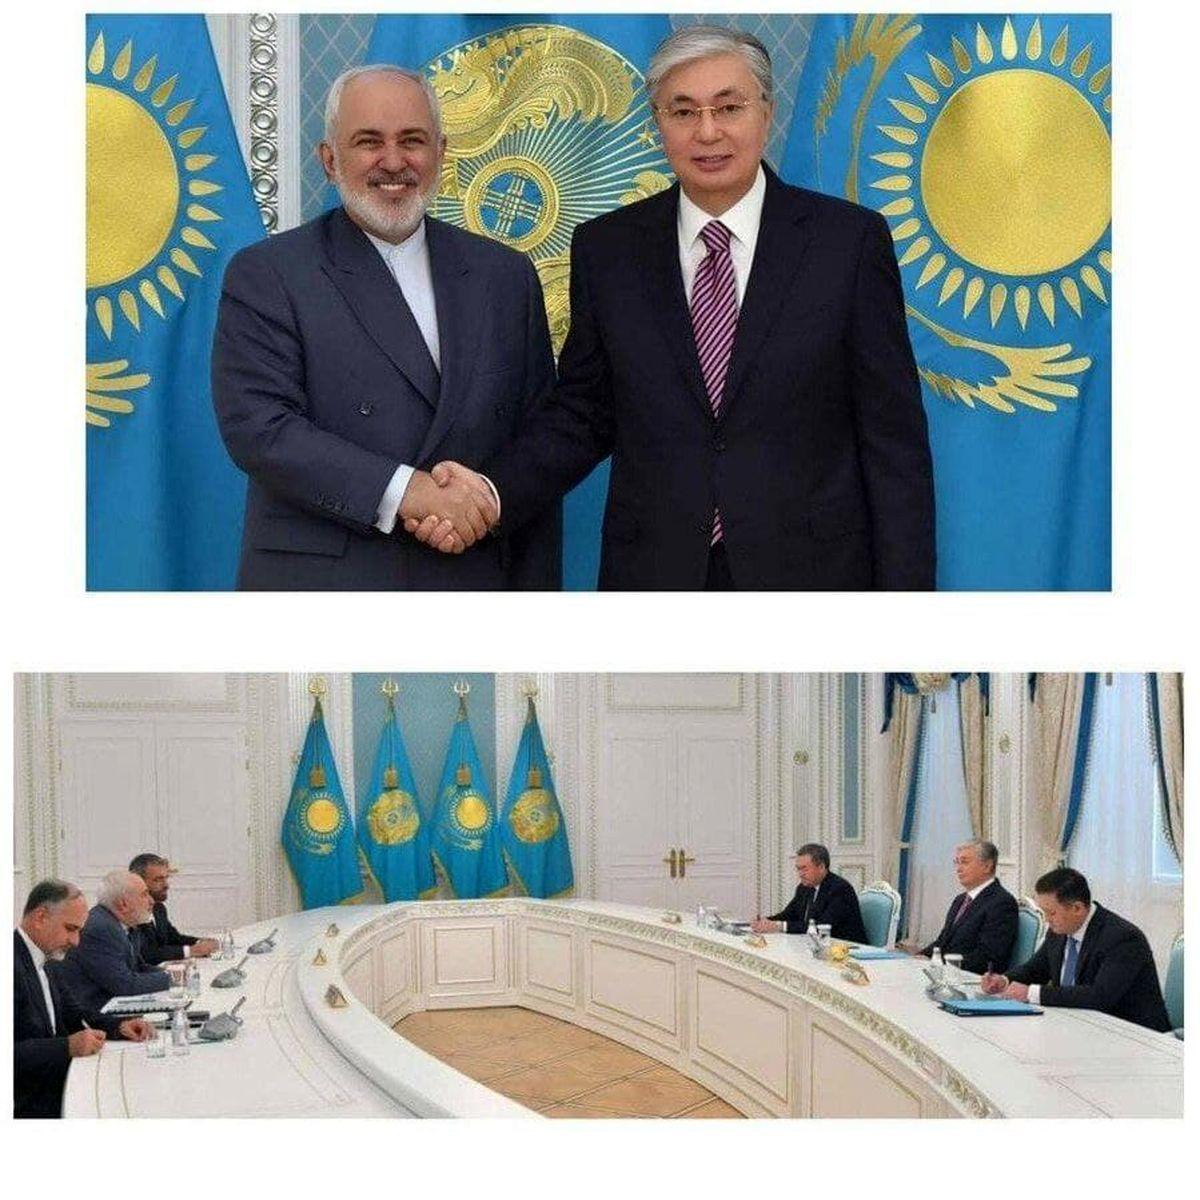 ظریف و رئیس جمهور قزاقستان دست دادند! +عکس